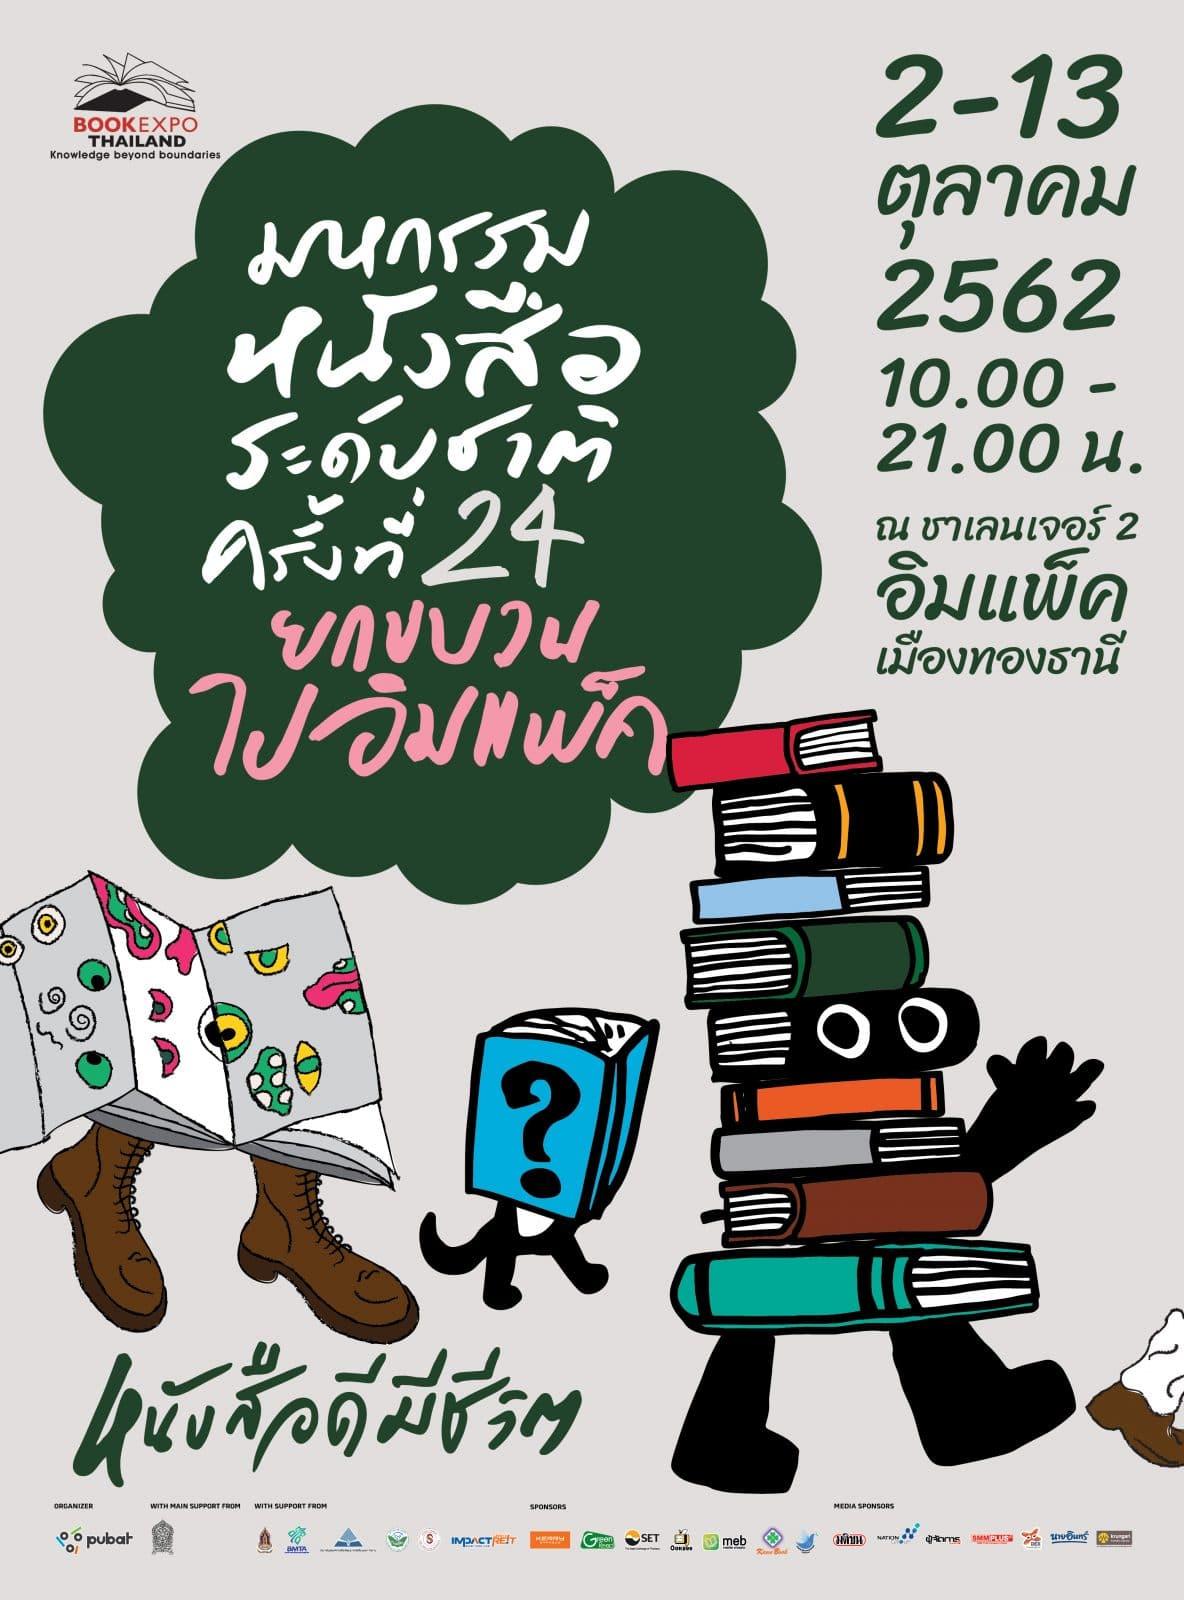 มหกรรมหนังสือระดับชาติ ครั้งที่ 24 ปีนี้จัดวันที่ 2 - 13 ตุลาคม 2562 เวลาเปิดปิด 10.00 - 21.00 น. สถานที่จัดงาน ชาเลนเจอร์ 2 อิมแพ็ค เมืองทองธานี นนทบุรี